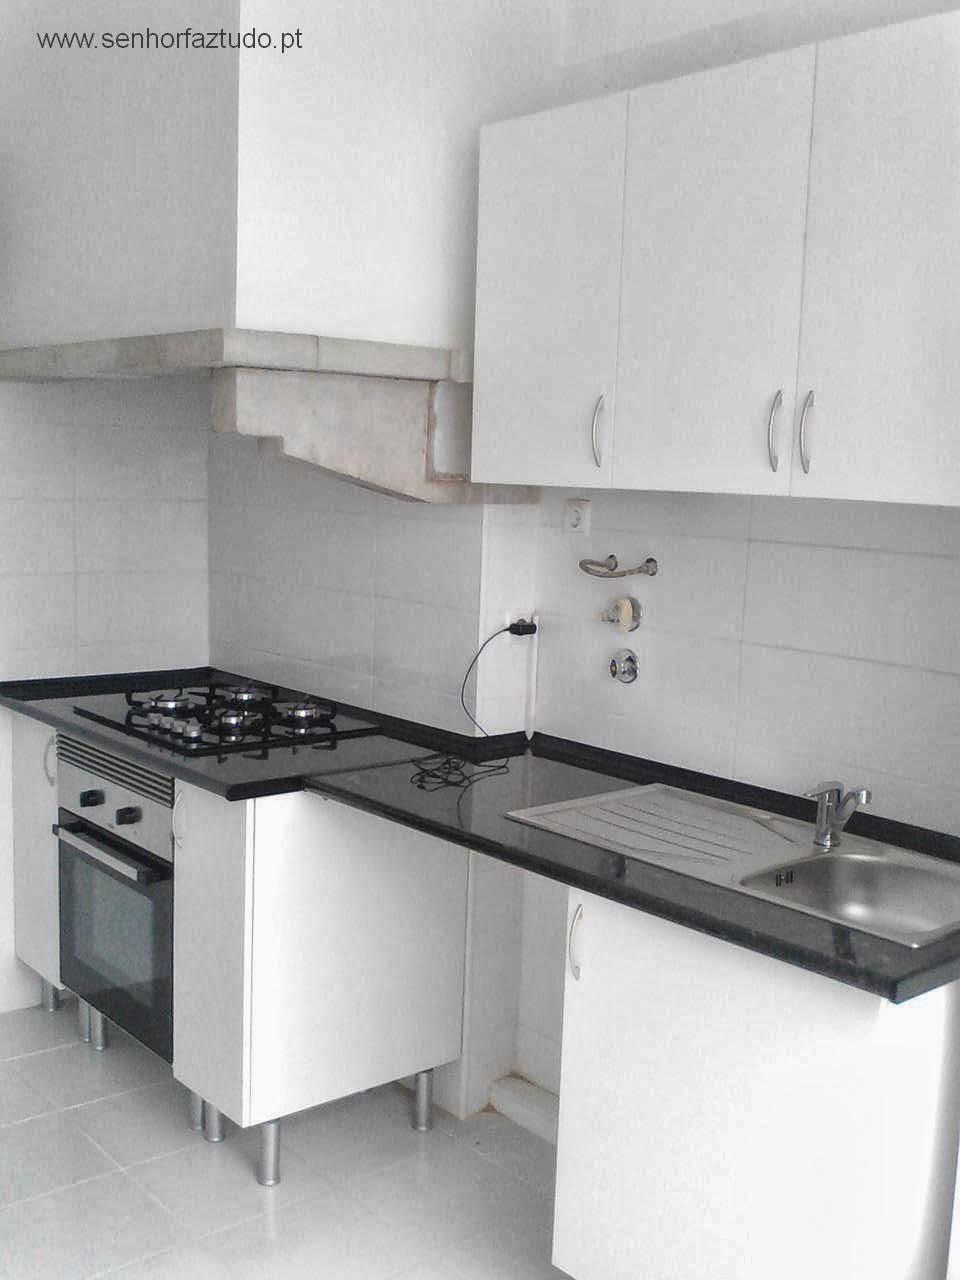 senhor faz tudo faz tudo pelo seu lar cozinhas leroy merlim. Black Bedroom Furniture Sets. Home Design Ideas